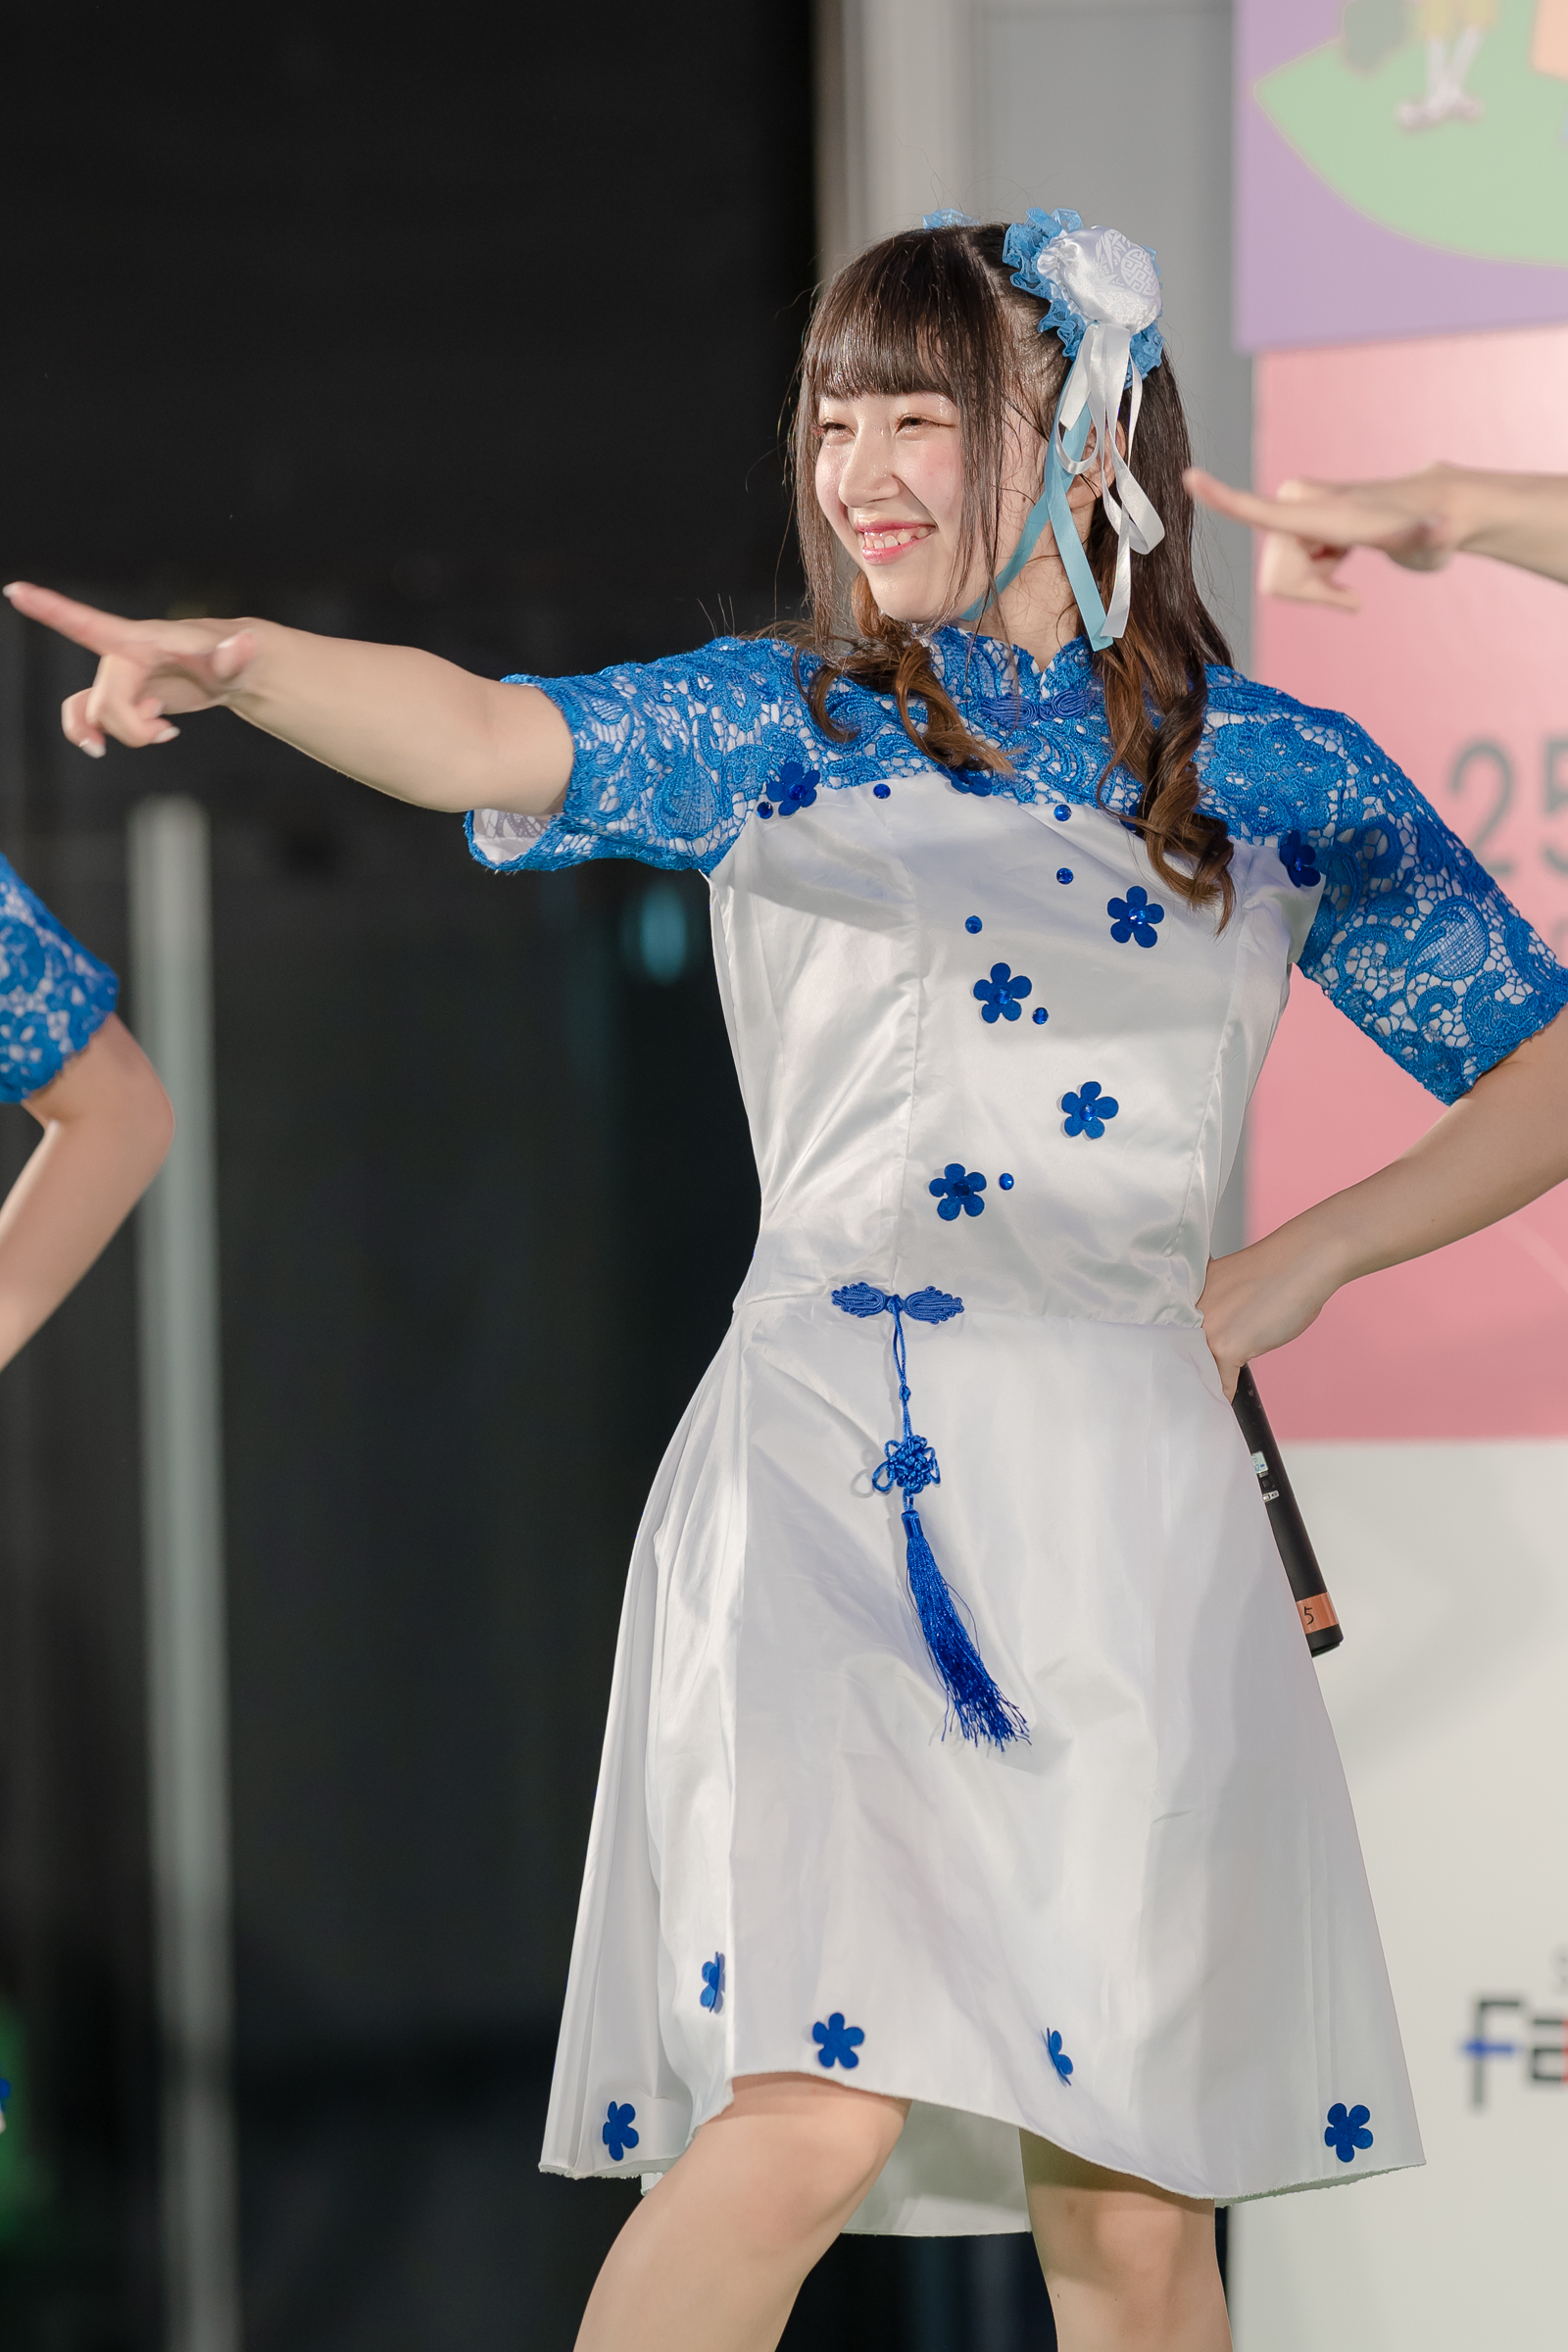 2代目HAPPY少女♪ きょうか ( 山田京佳 ) | サッポロファクトリーウイークデーライブ